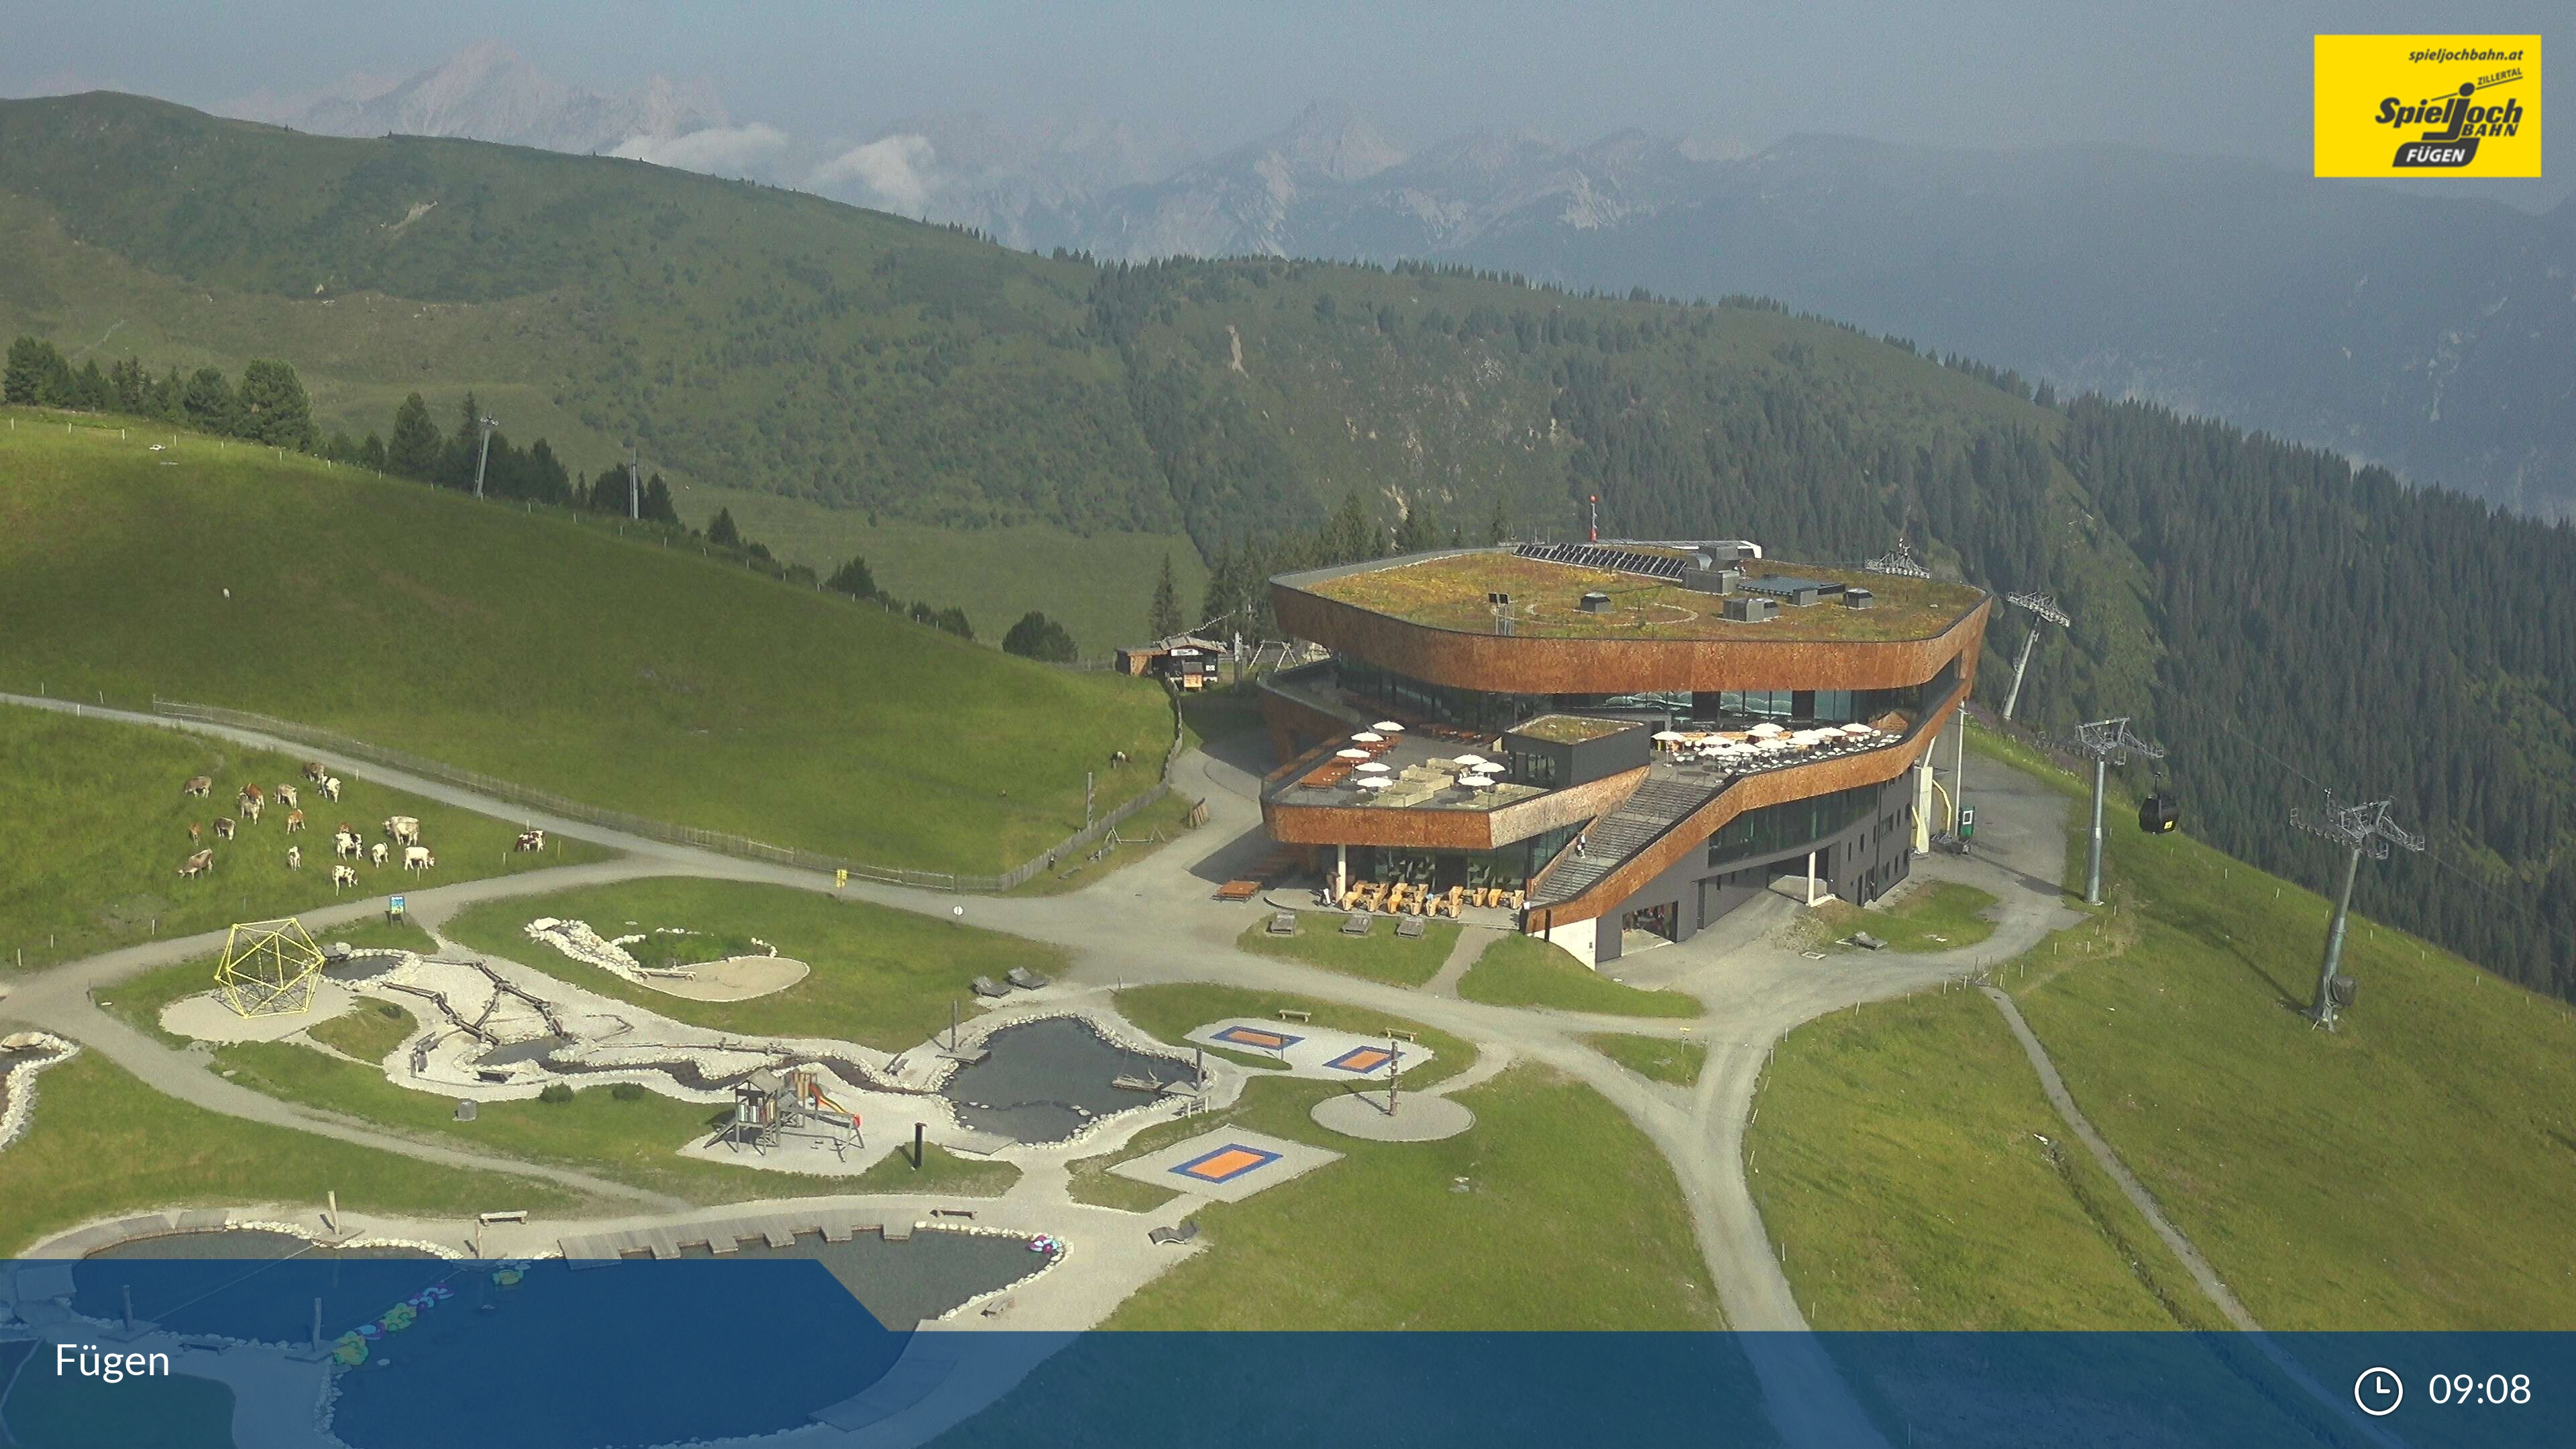 Webcam en Fügen - Onkeljoch, Zillertal (Austria)